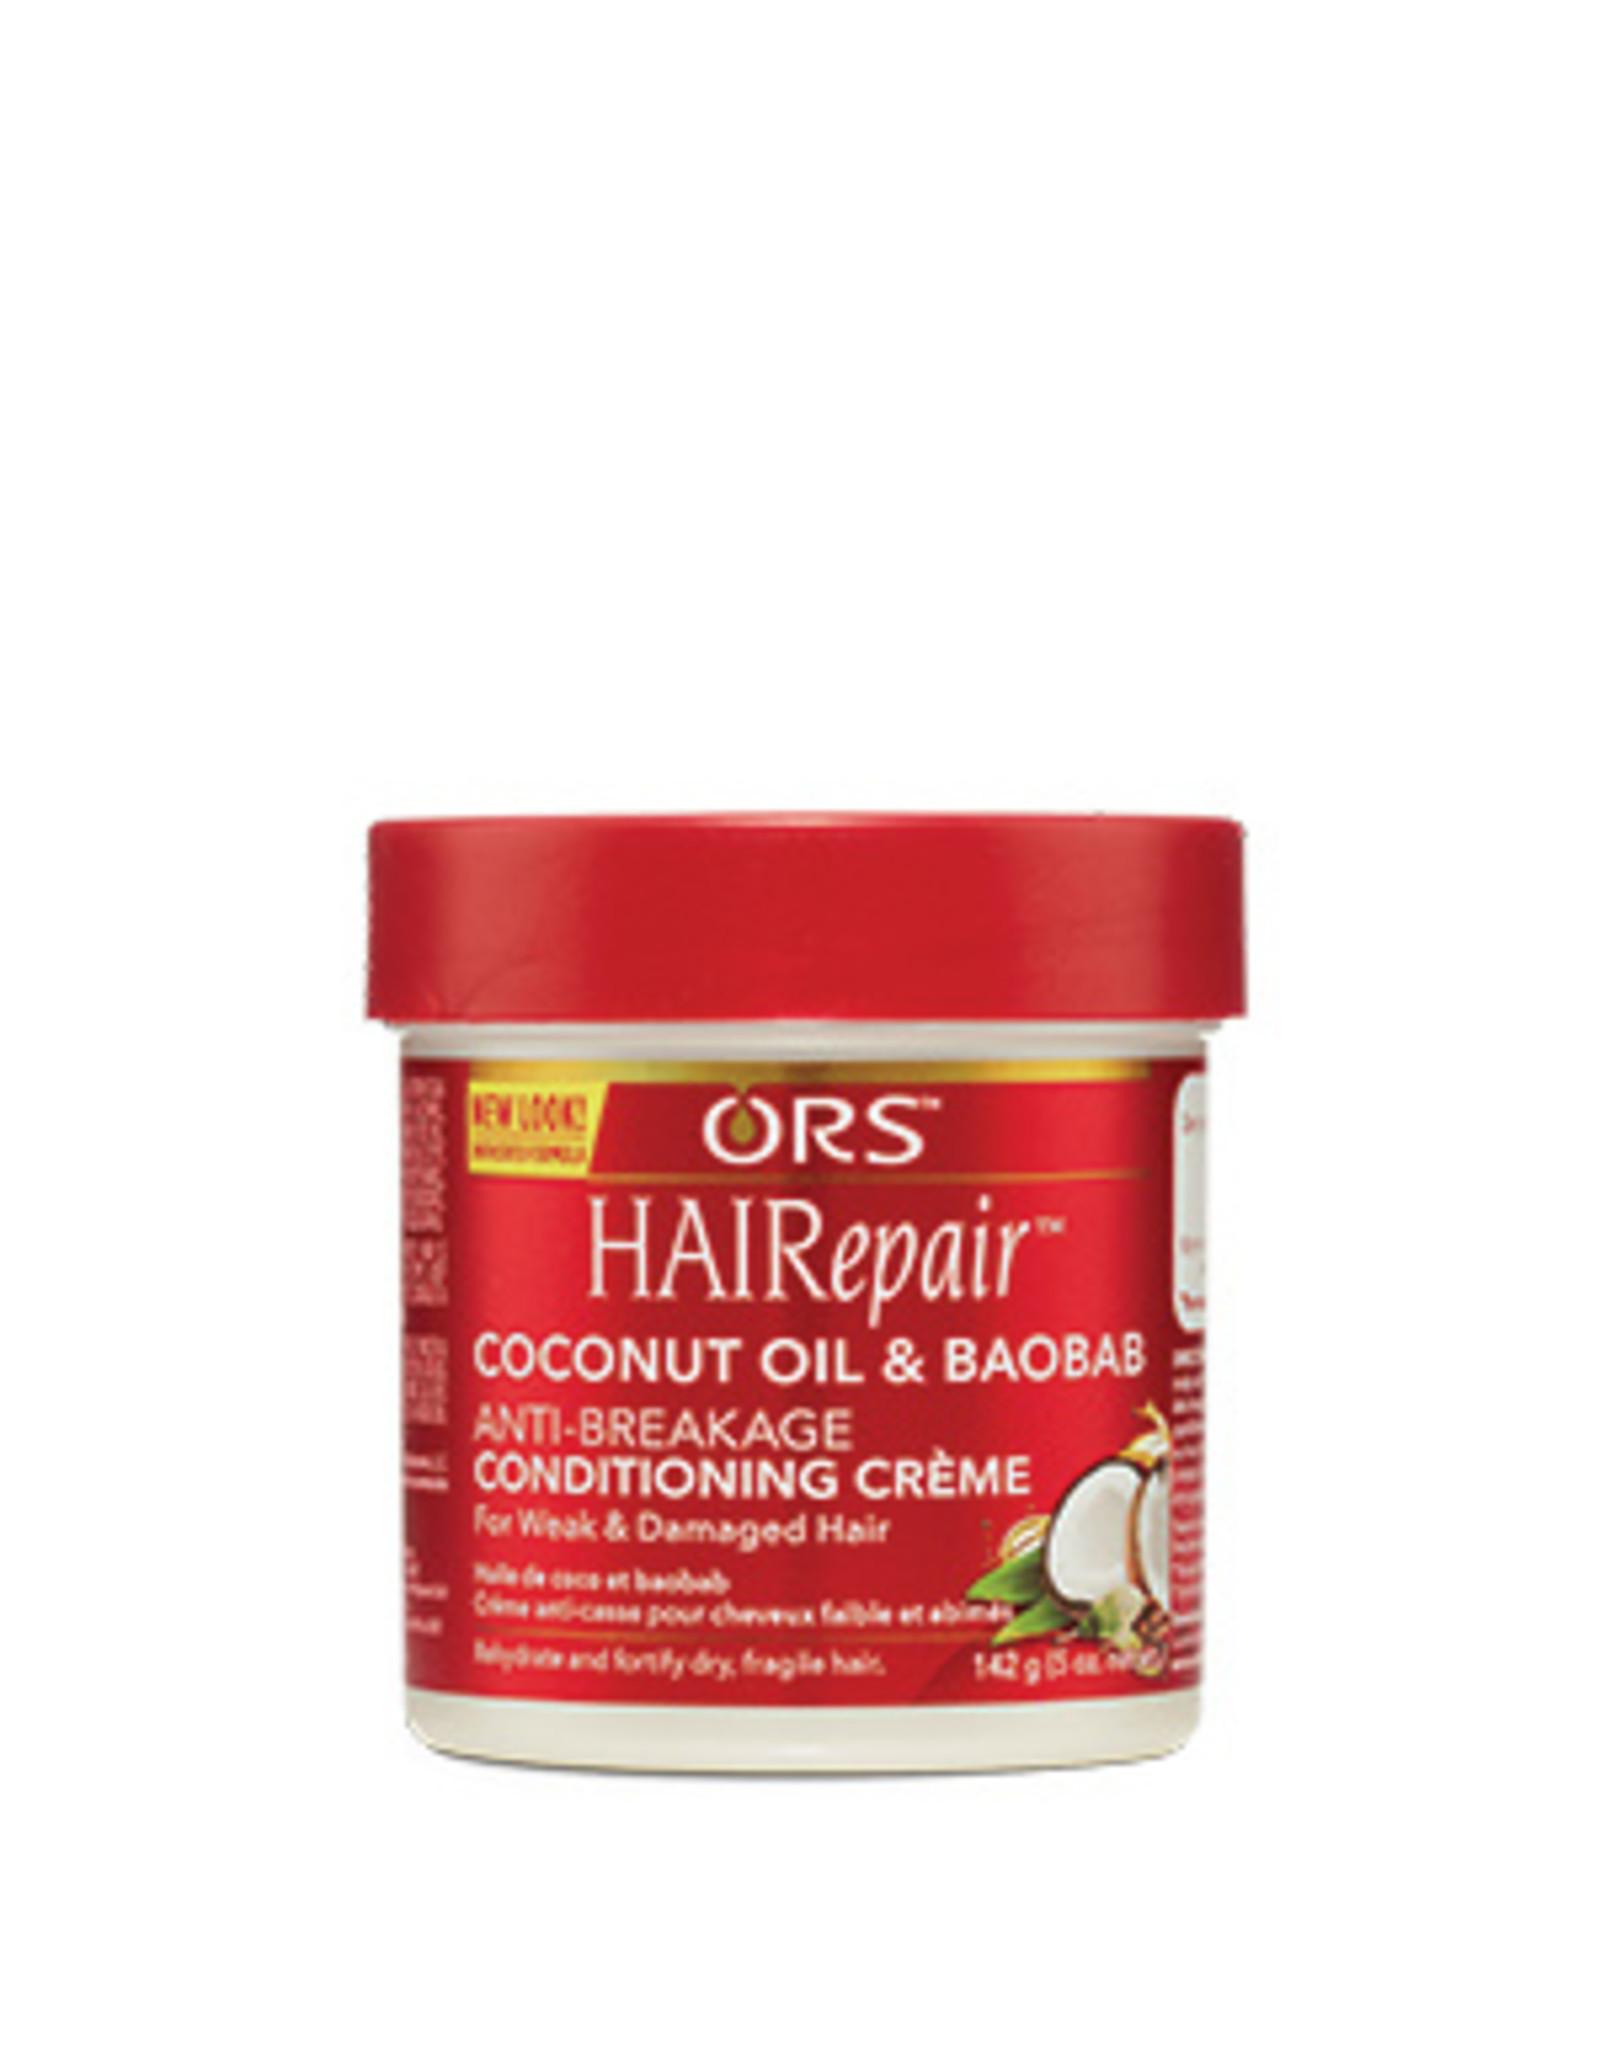 ORS ORS HAIR REPAIR ANTI-BREAKAGE 5oz